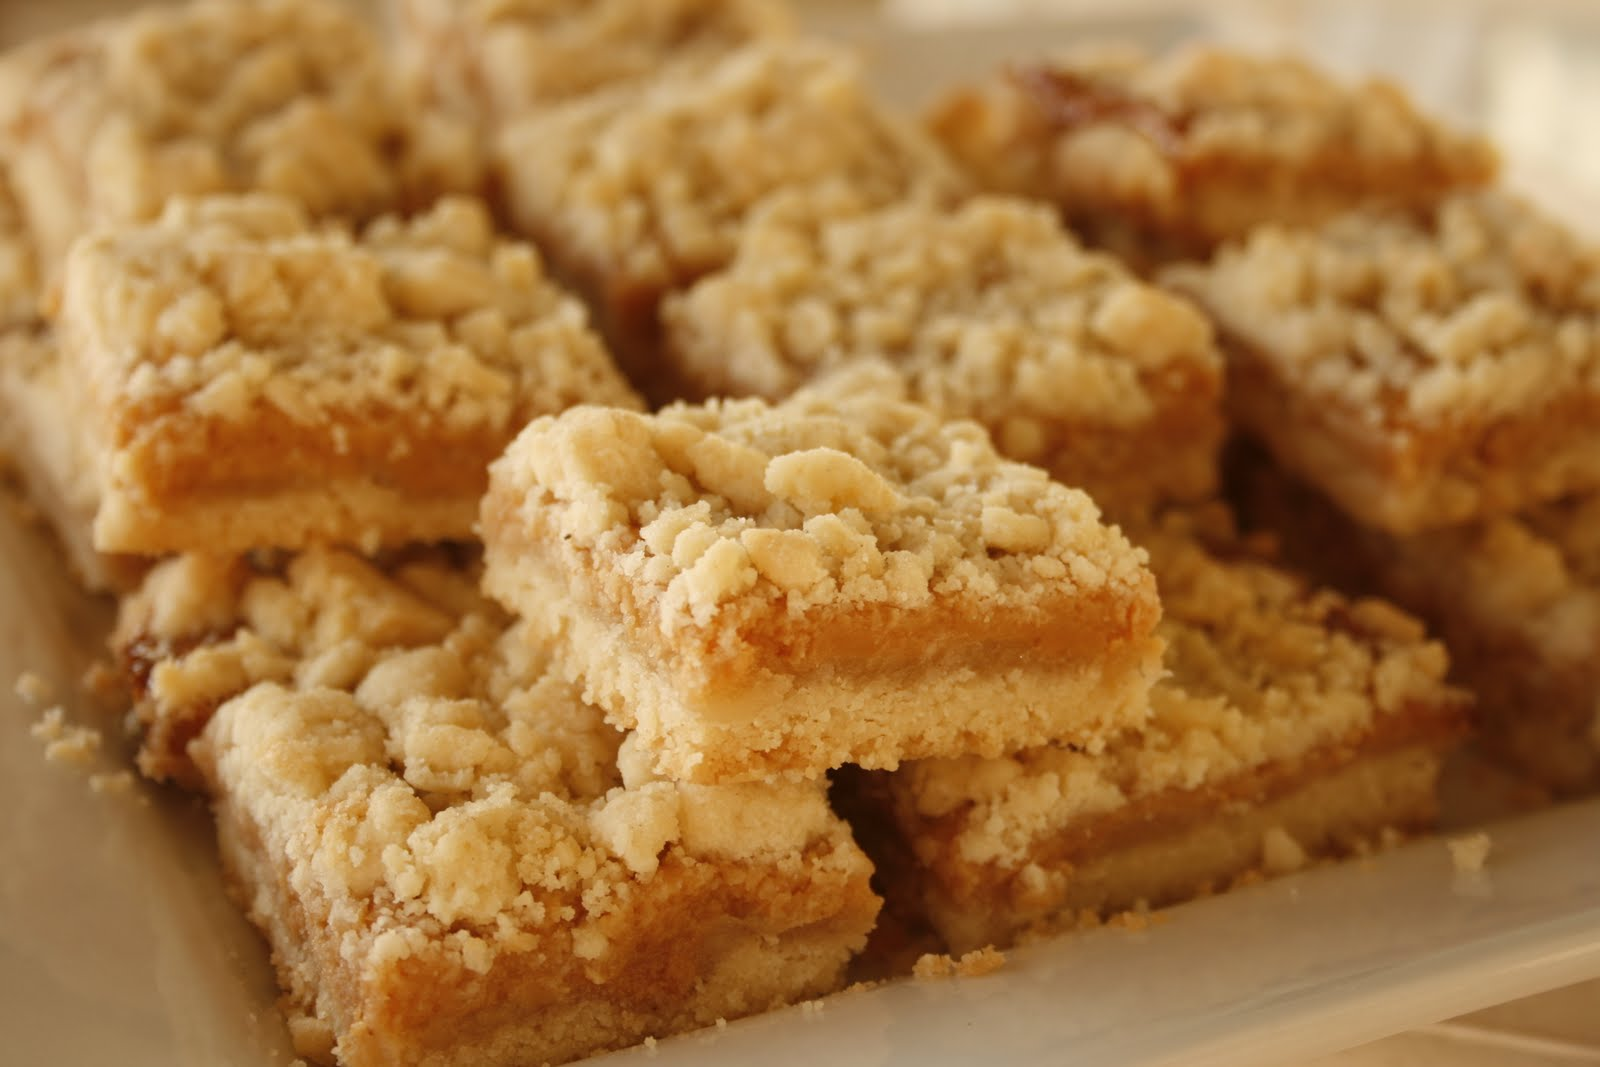 Laura's Sweet Spot: Caramel Crumb Bars